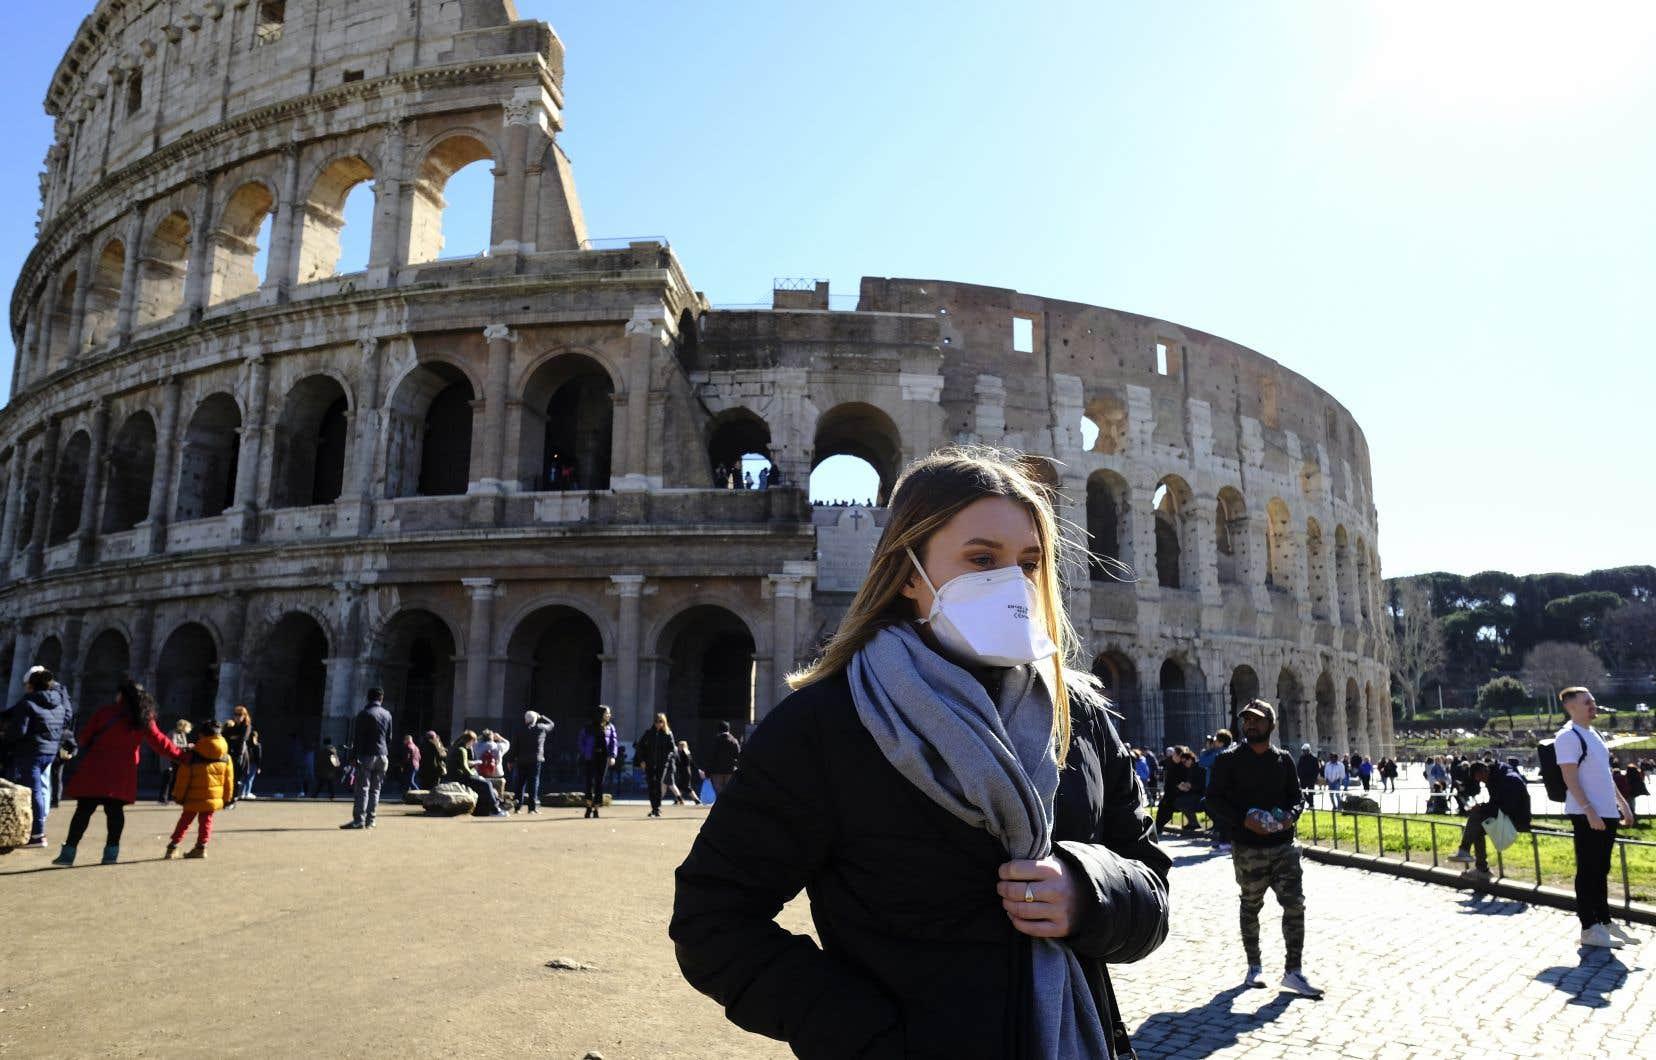 Des touristes fréquentent le Colisée de Rome. Après avoir rouvert la basilique Saint-Pierre, Pompéi et la tour de Pise, l'Italie espère redonner de la vigueur au secteur du tourisme, crucial pour son économie.